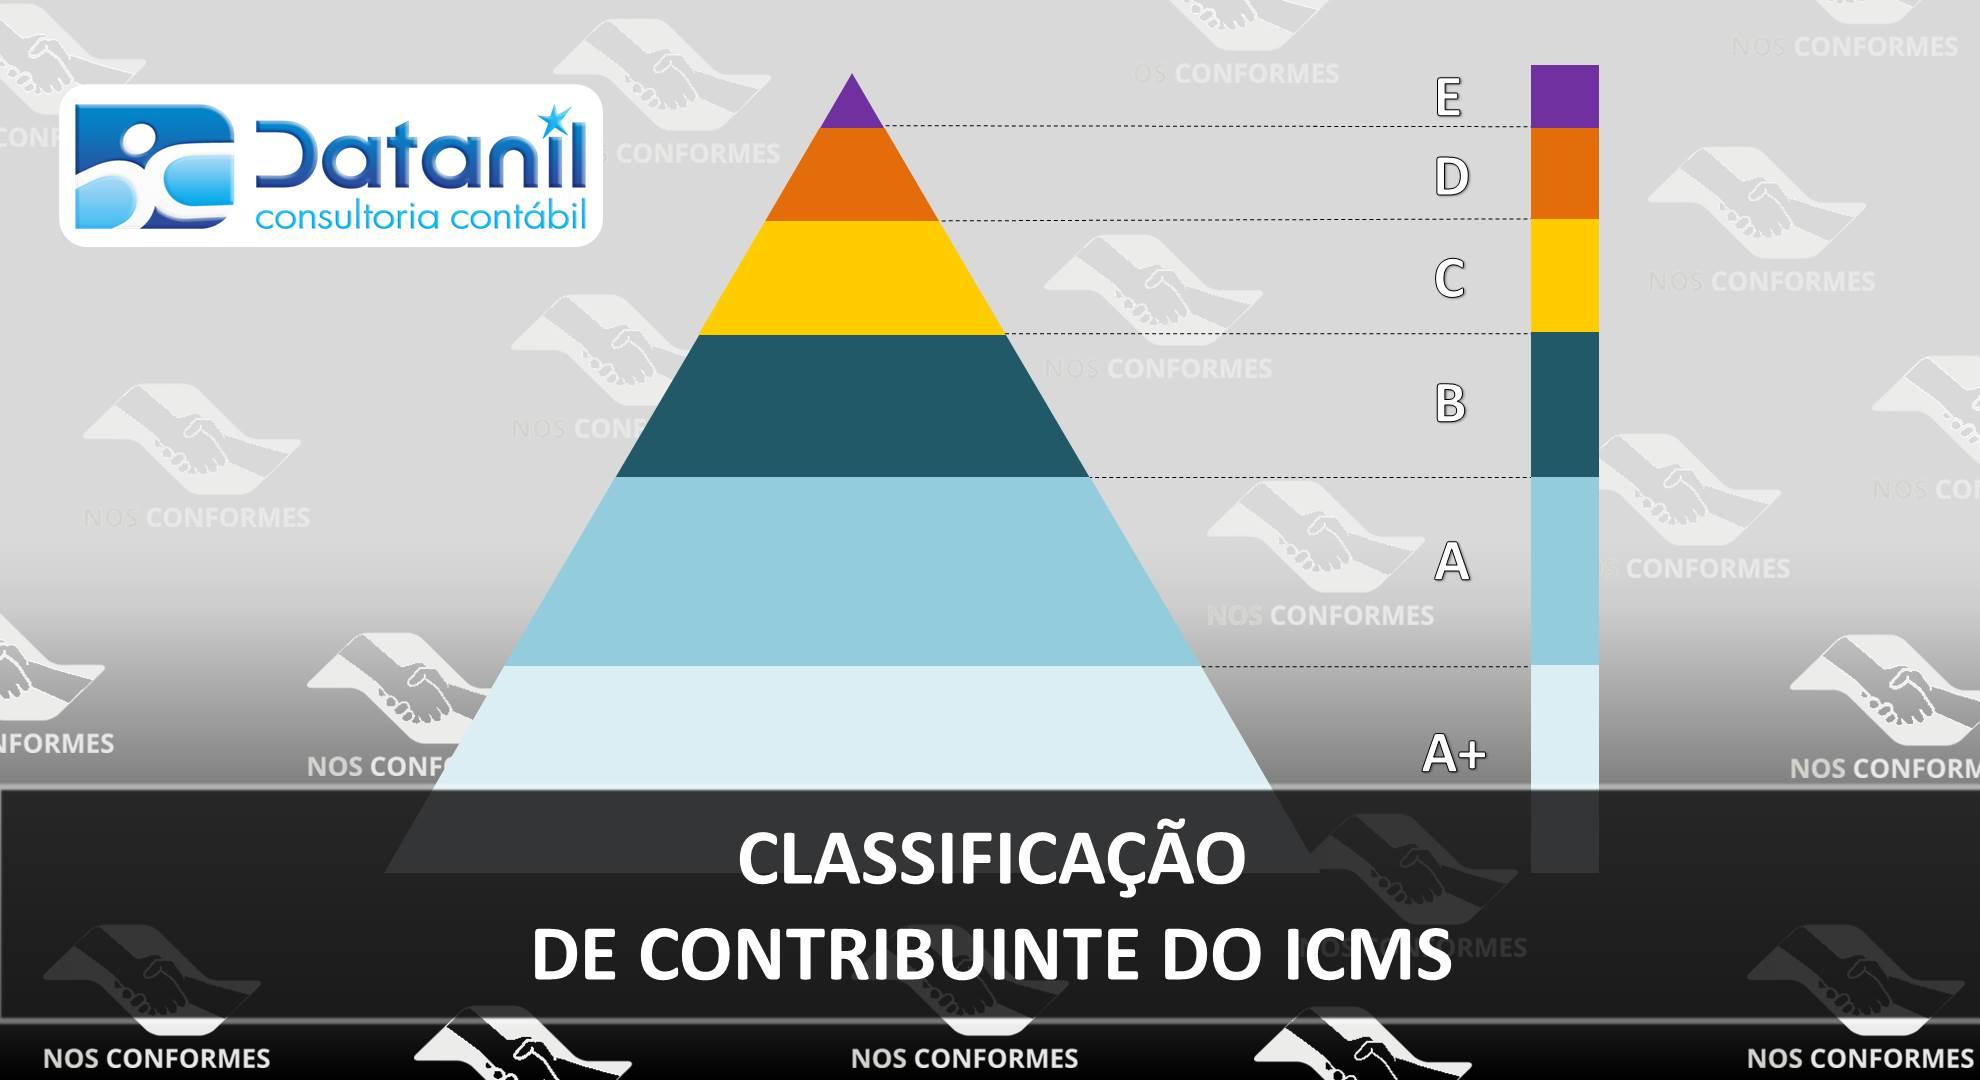 Classificação De Contribuinte Do ICMS